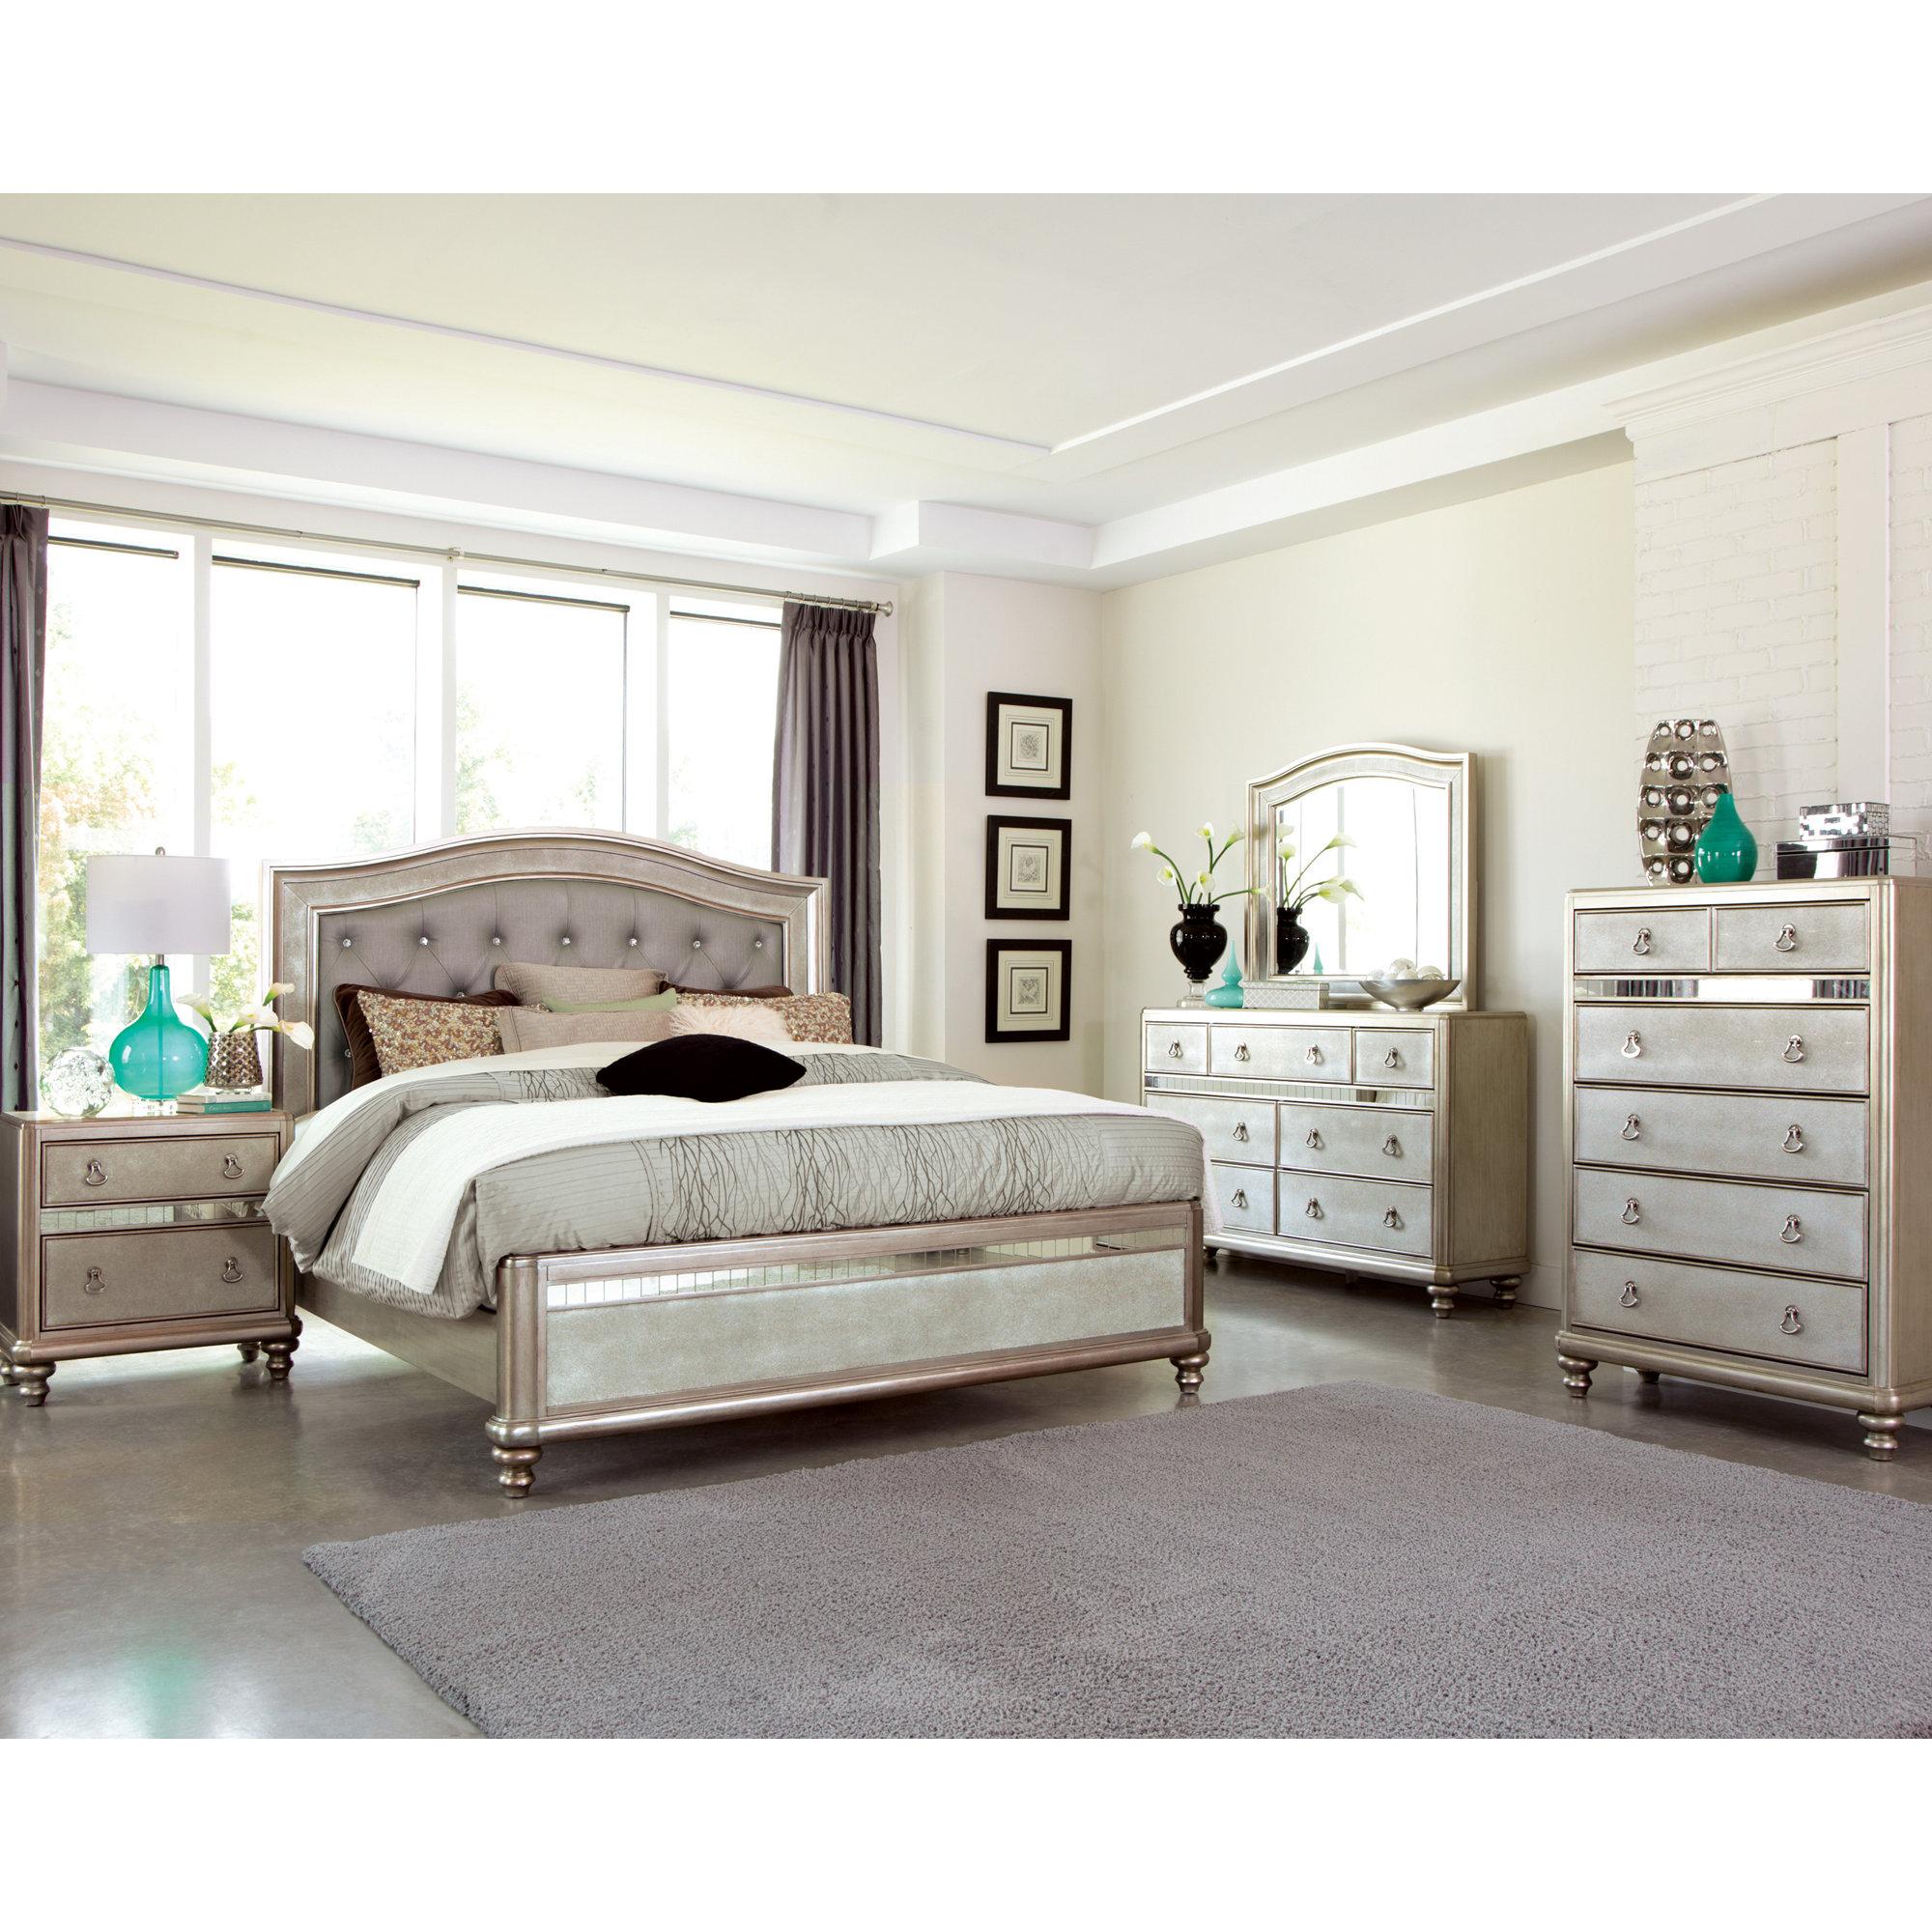 Willa arlo interiors annunziata panel customizable bedroom - Willa arlo interiors keeley bar cart ...